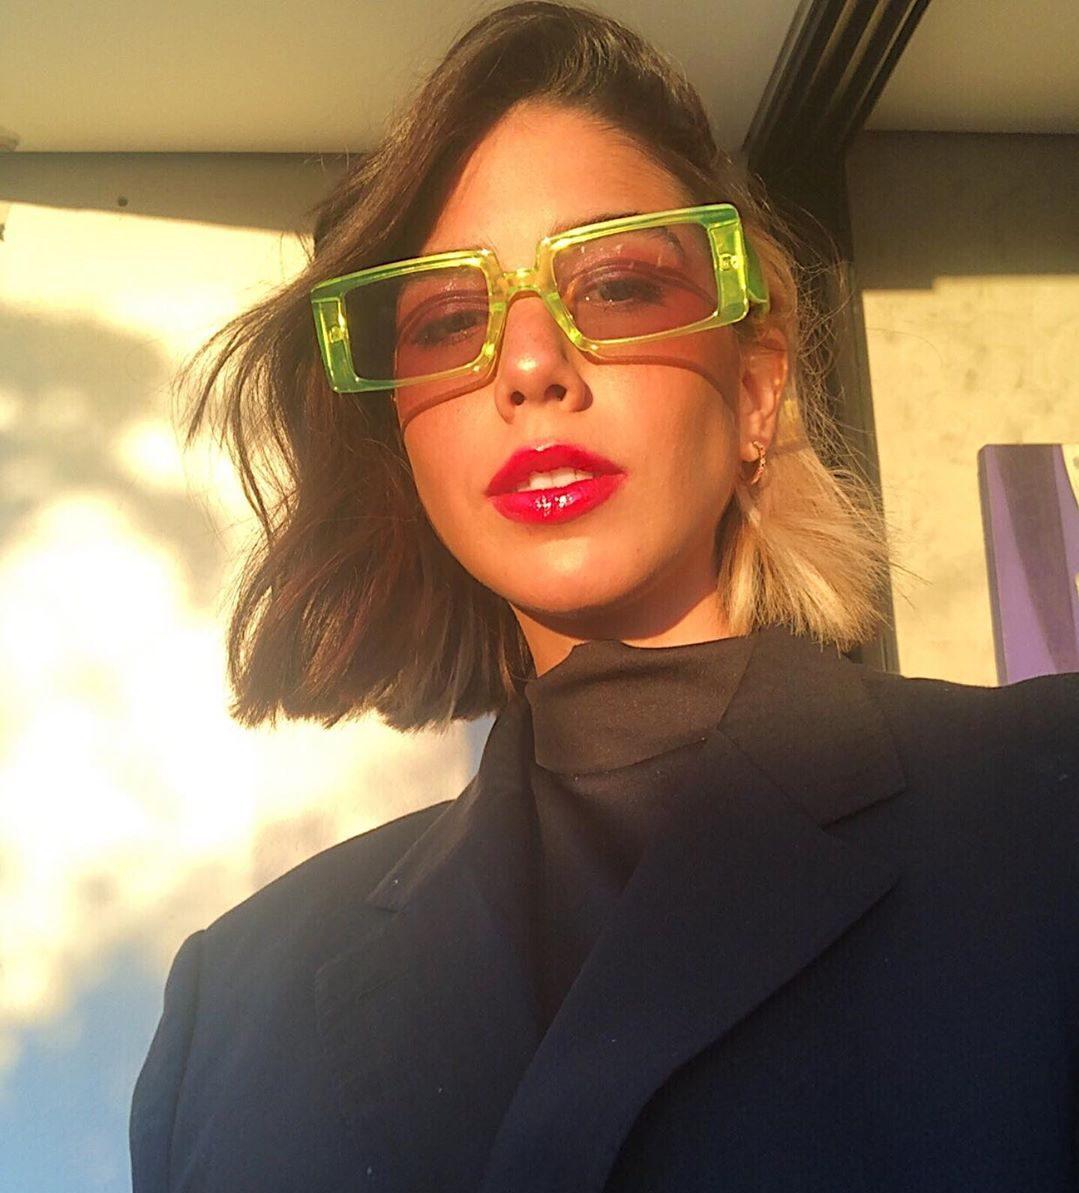 Clara Câmpara usando óculos verdes com blazer preto